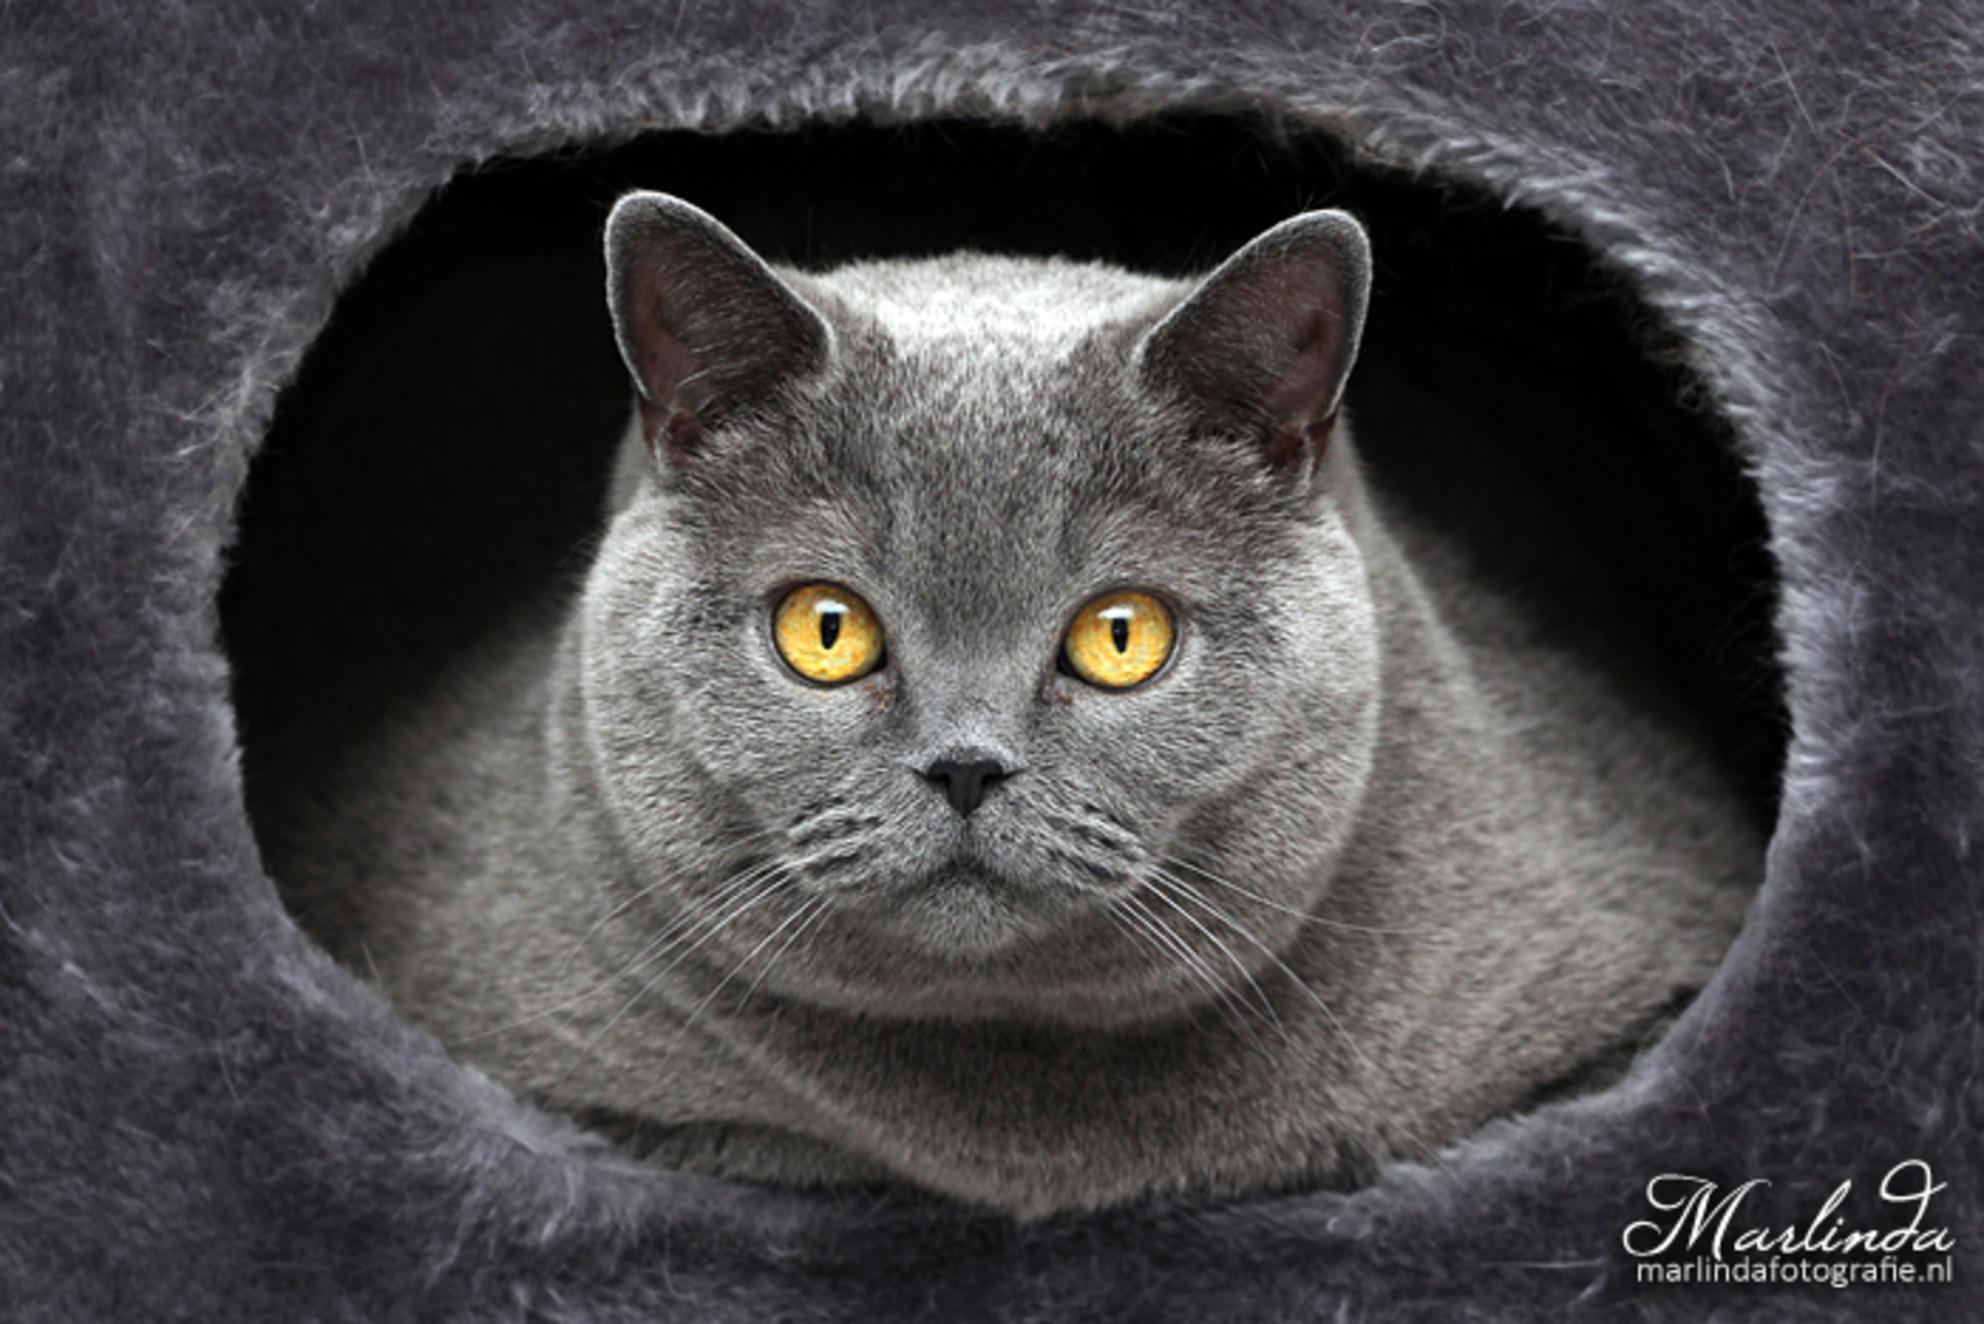 Mooie kijkers - Een mooie britse korthaar poes, veilig in haar holletje. Met haar mooie ogen keek ze recht in mijn lens. Die ogen springen er mooi uit tegen al dat g - foto door marlindafotografie op 17-11-2011 - deze foto bevat: blauw, poes, dieren, kat, katten, dier, poezen, raskat, raskatten, britse korthaar, british shorthair, kattenras - Deze foto mag gebruikt worden in een Zoom.nl publicatie